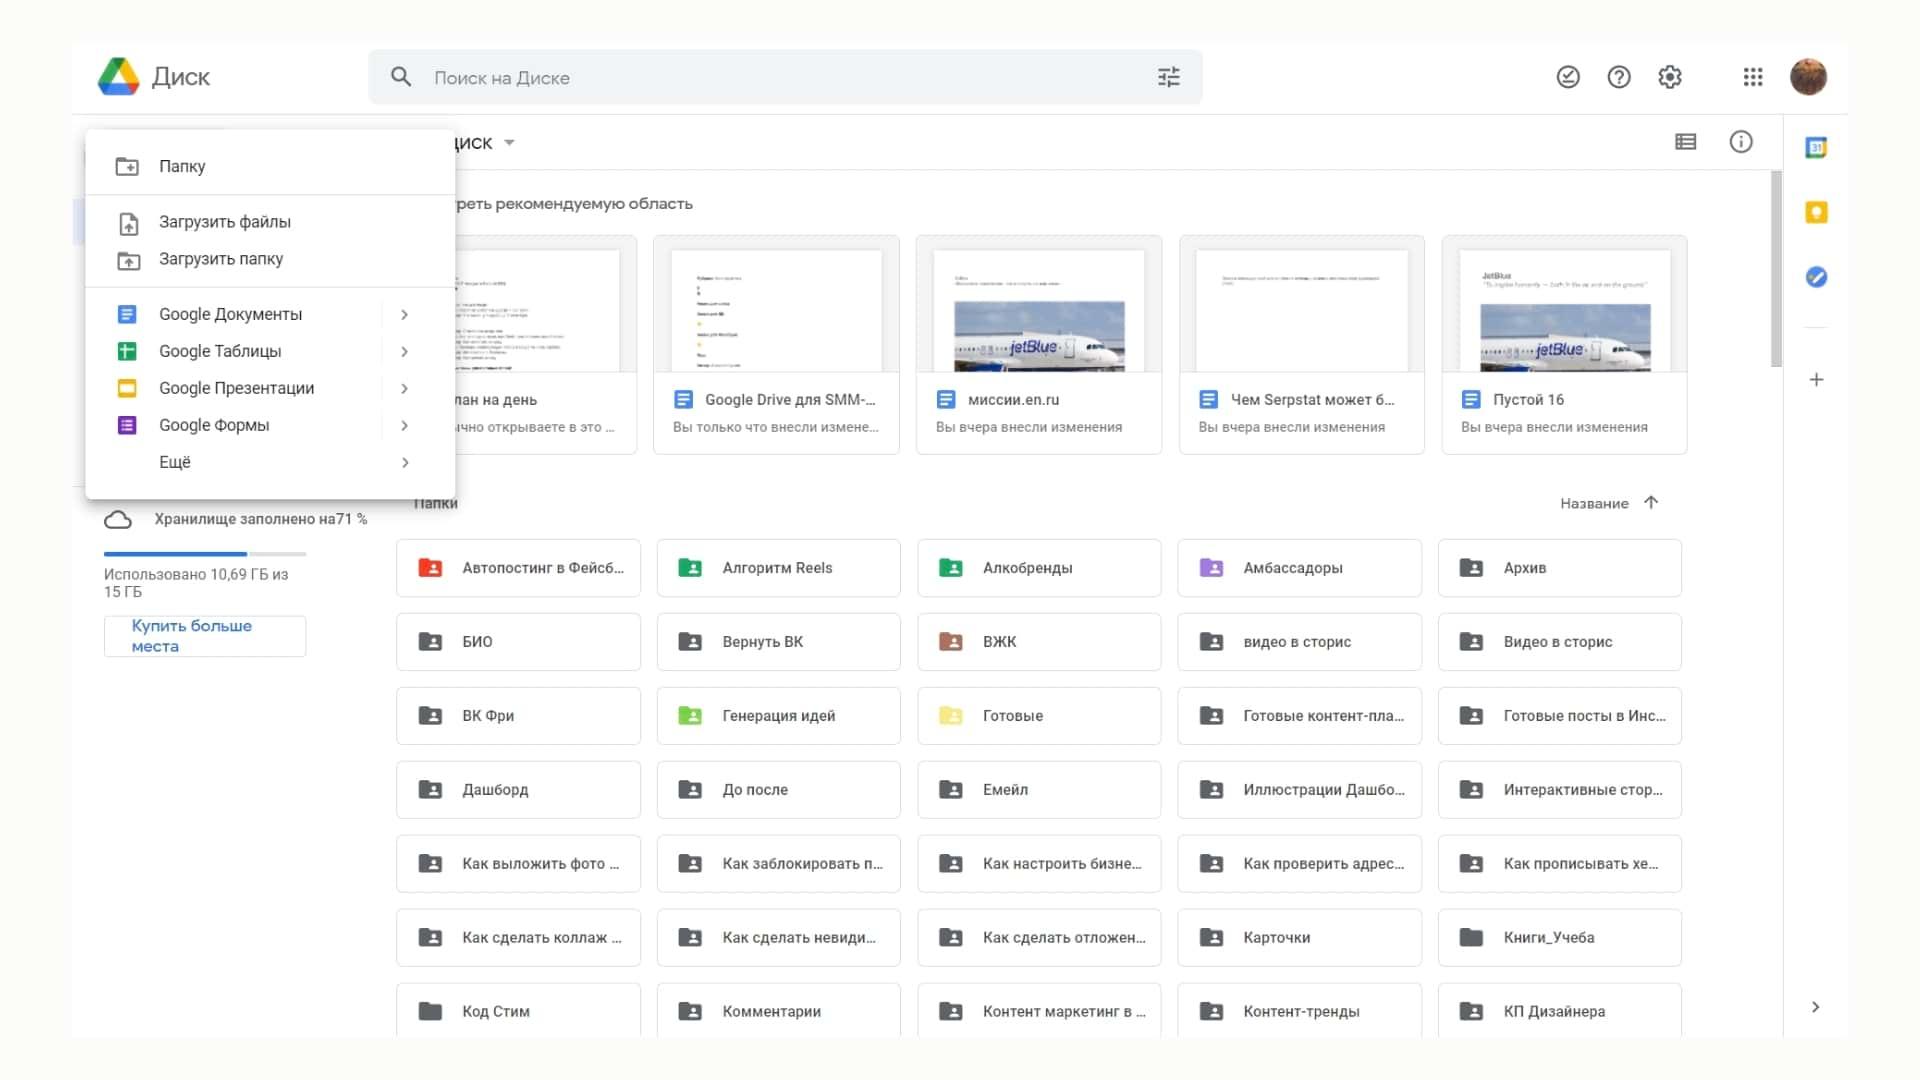 Как добавить или создать файл в Google Диске